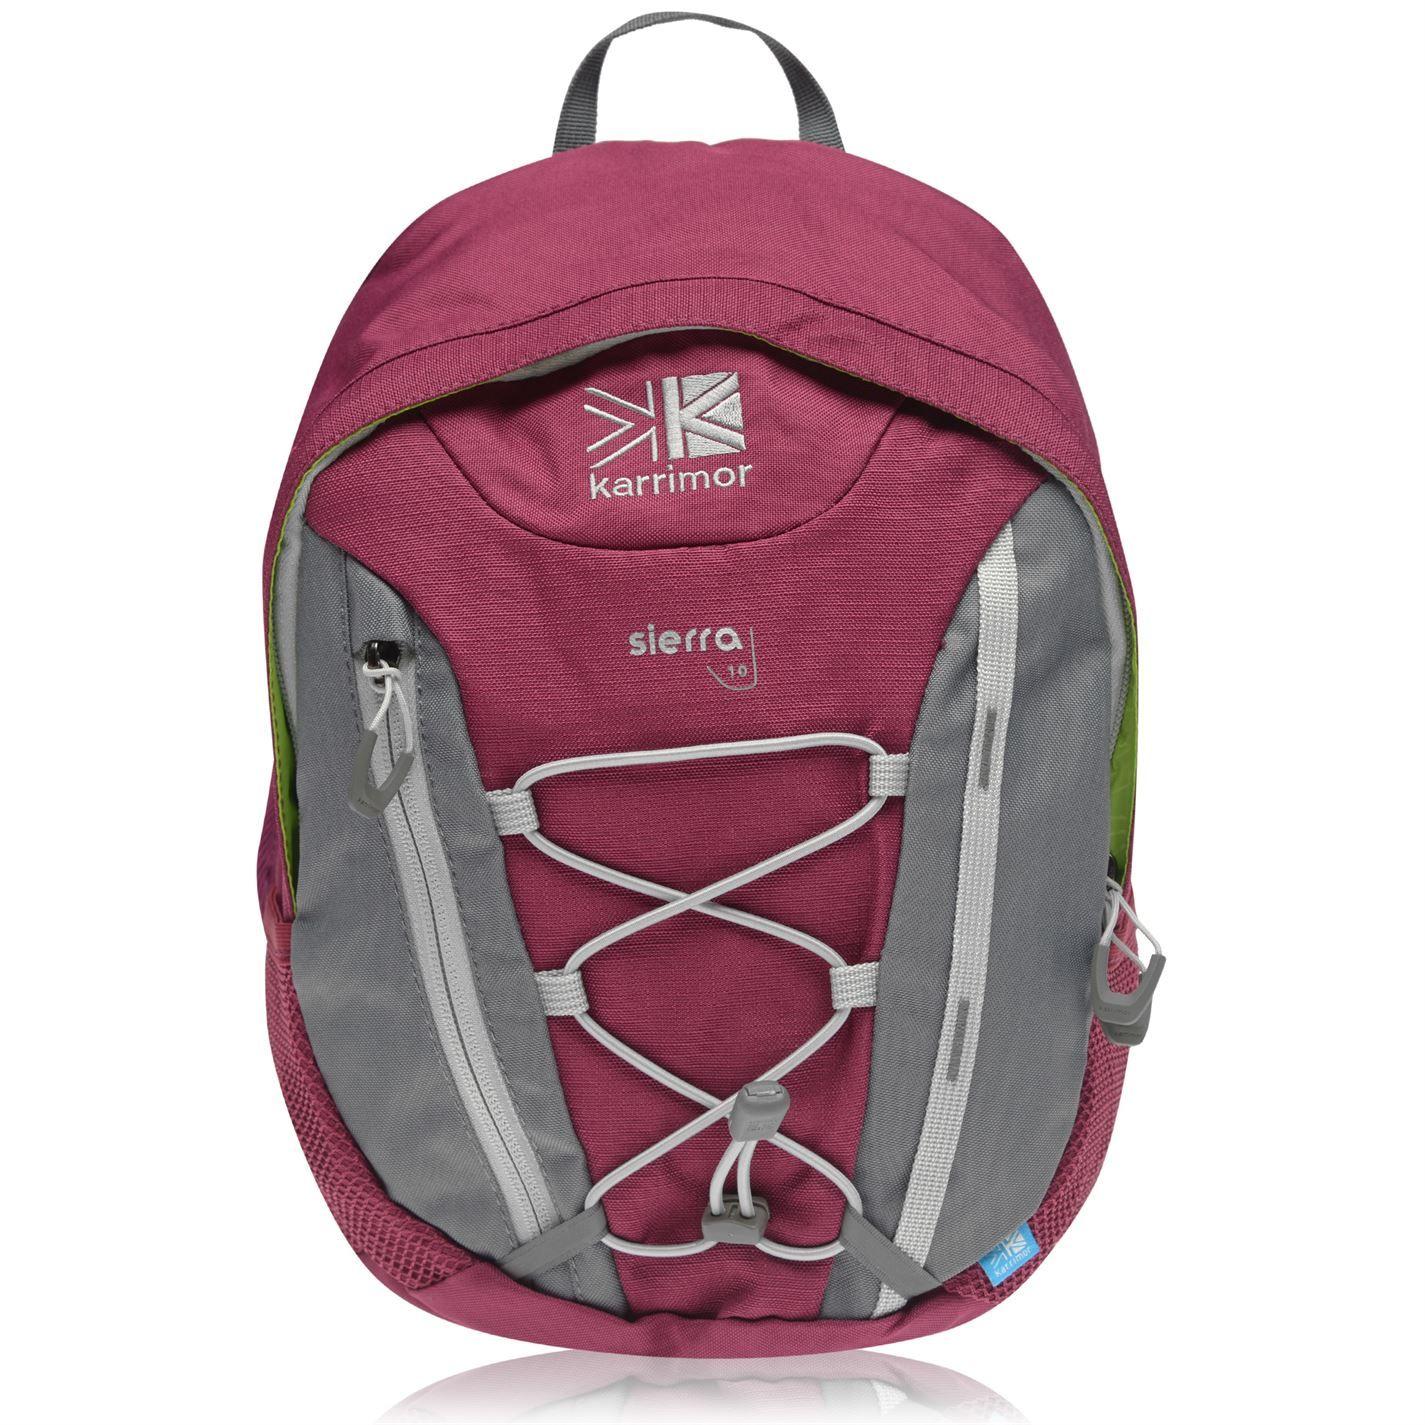 Karrimor Sierra 10 Backpack Bag